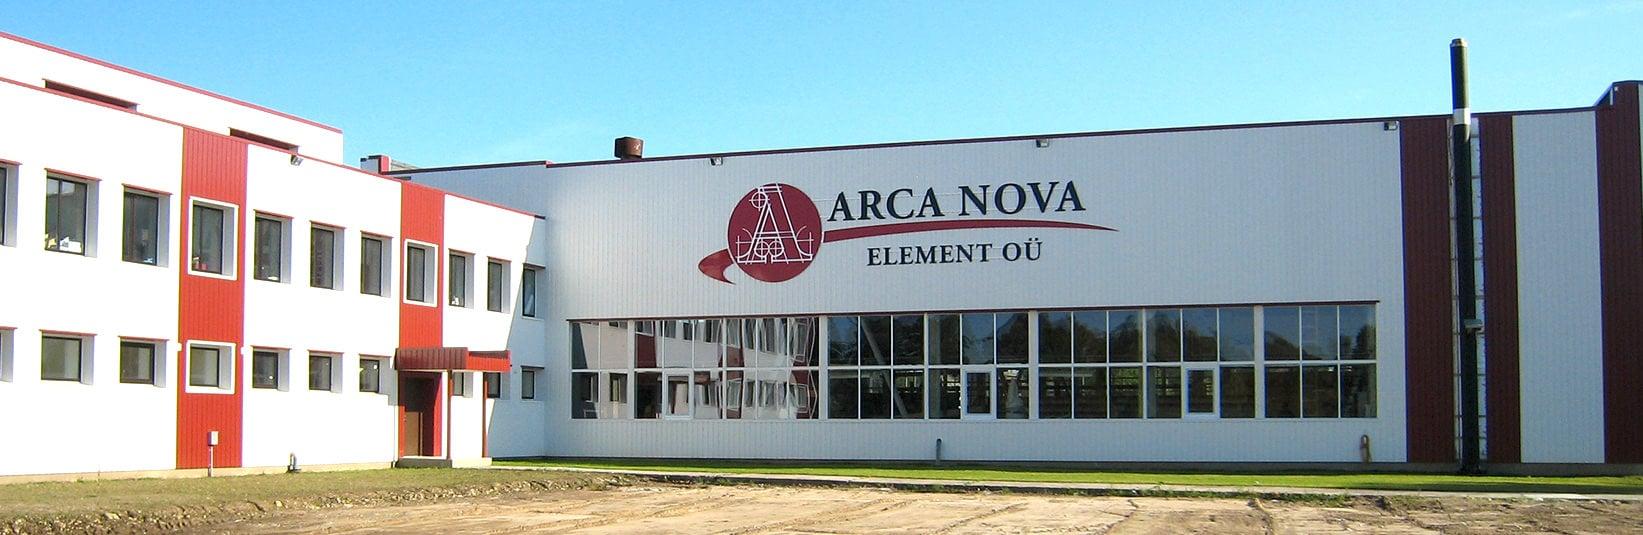 ARCA NOVA ELEMENT